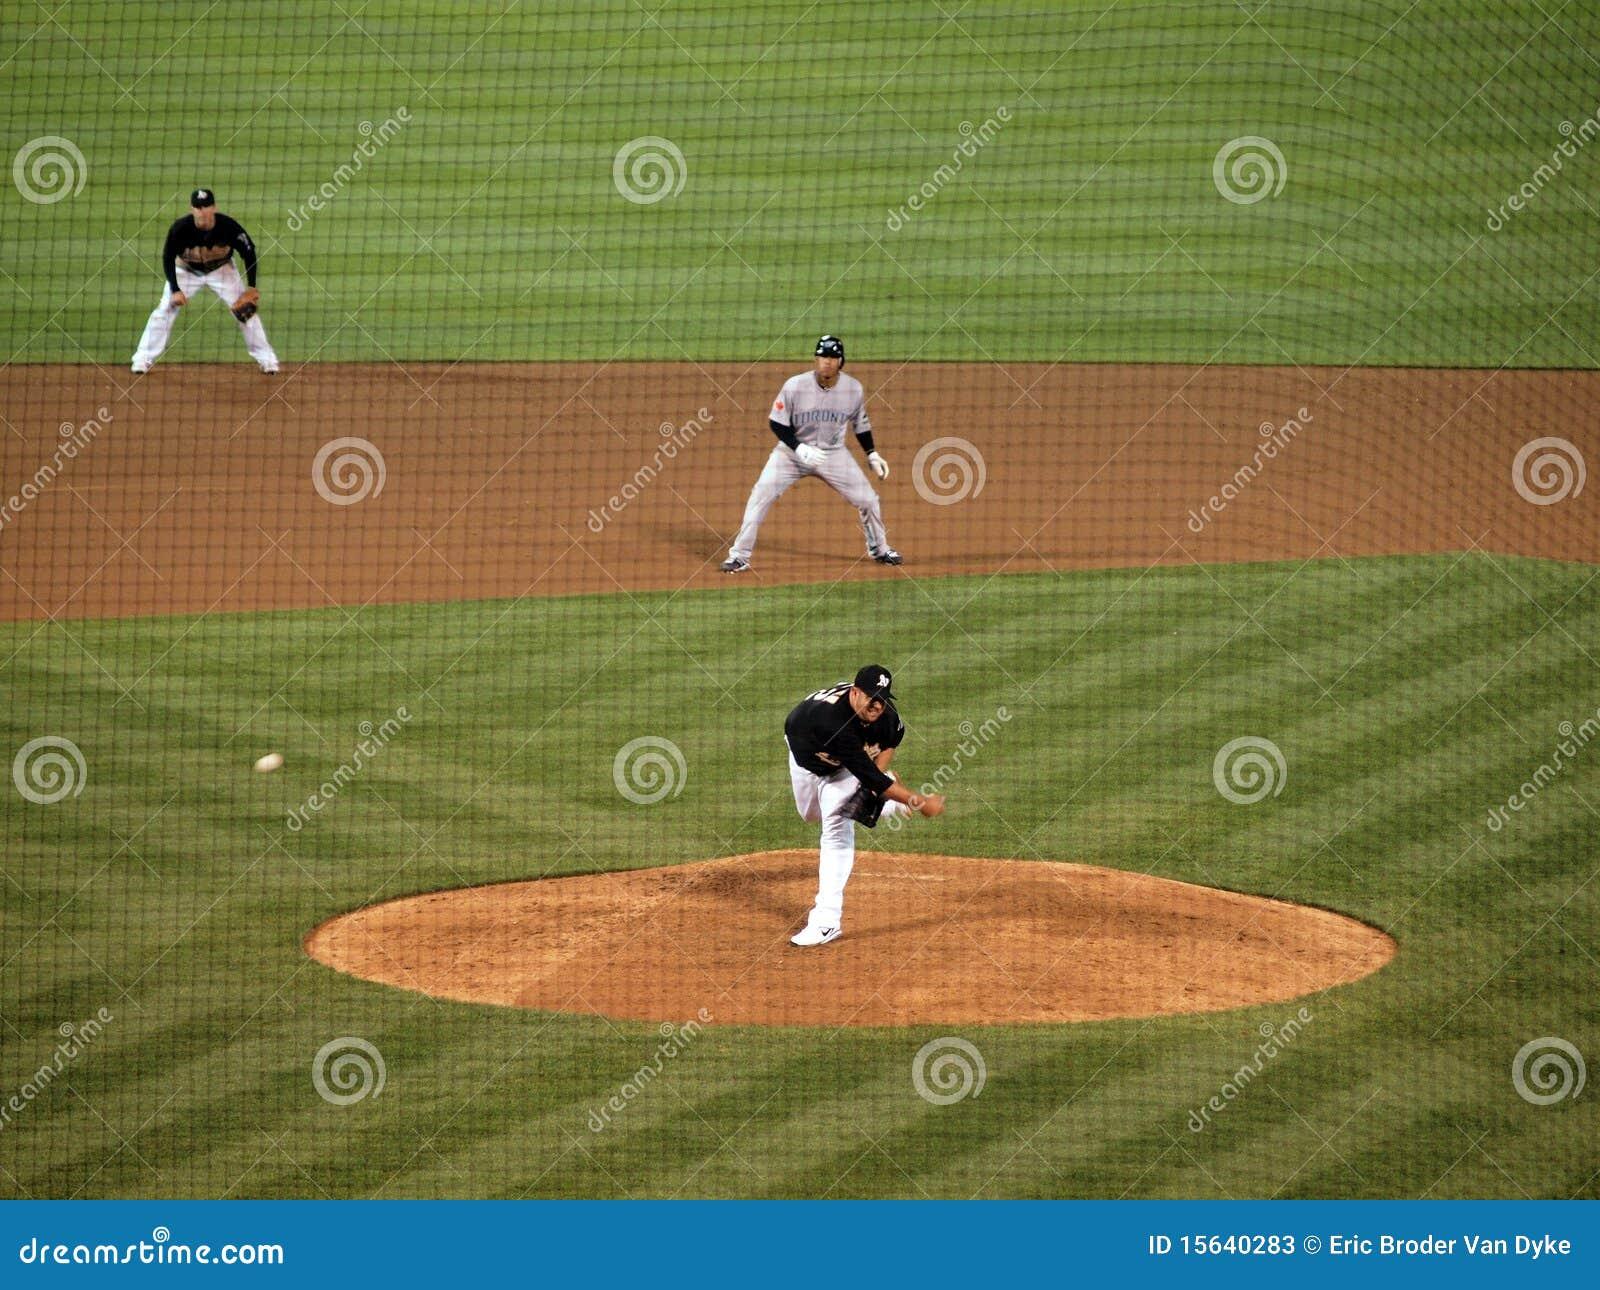 Boof Bonser wirft einen Fastball in einem späten Inning